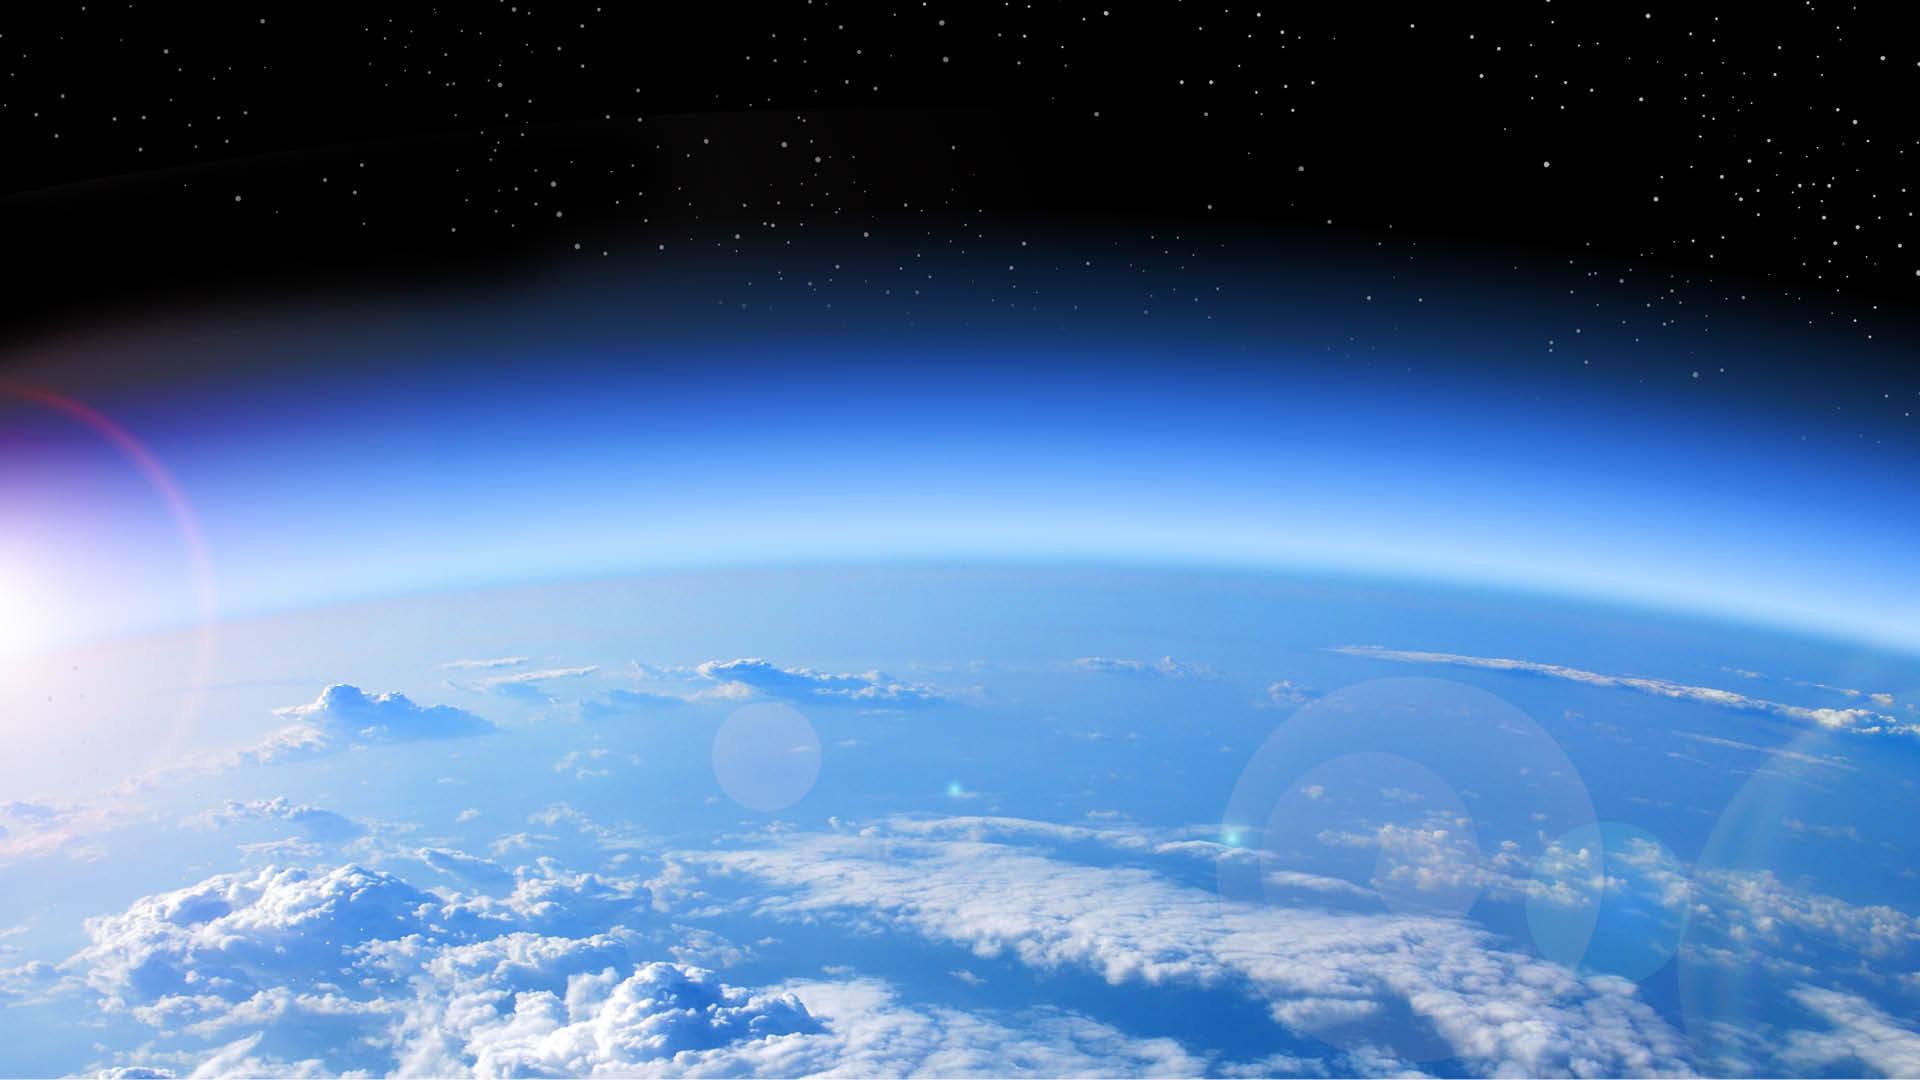 Giả thuyết mới: Một vụ nổ siêu tân tinh từ khoảng cách nhiều năm ánh sáng đã gây nên đại họa tuyệt chủng - Ảnh 3.